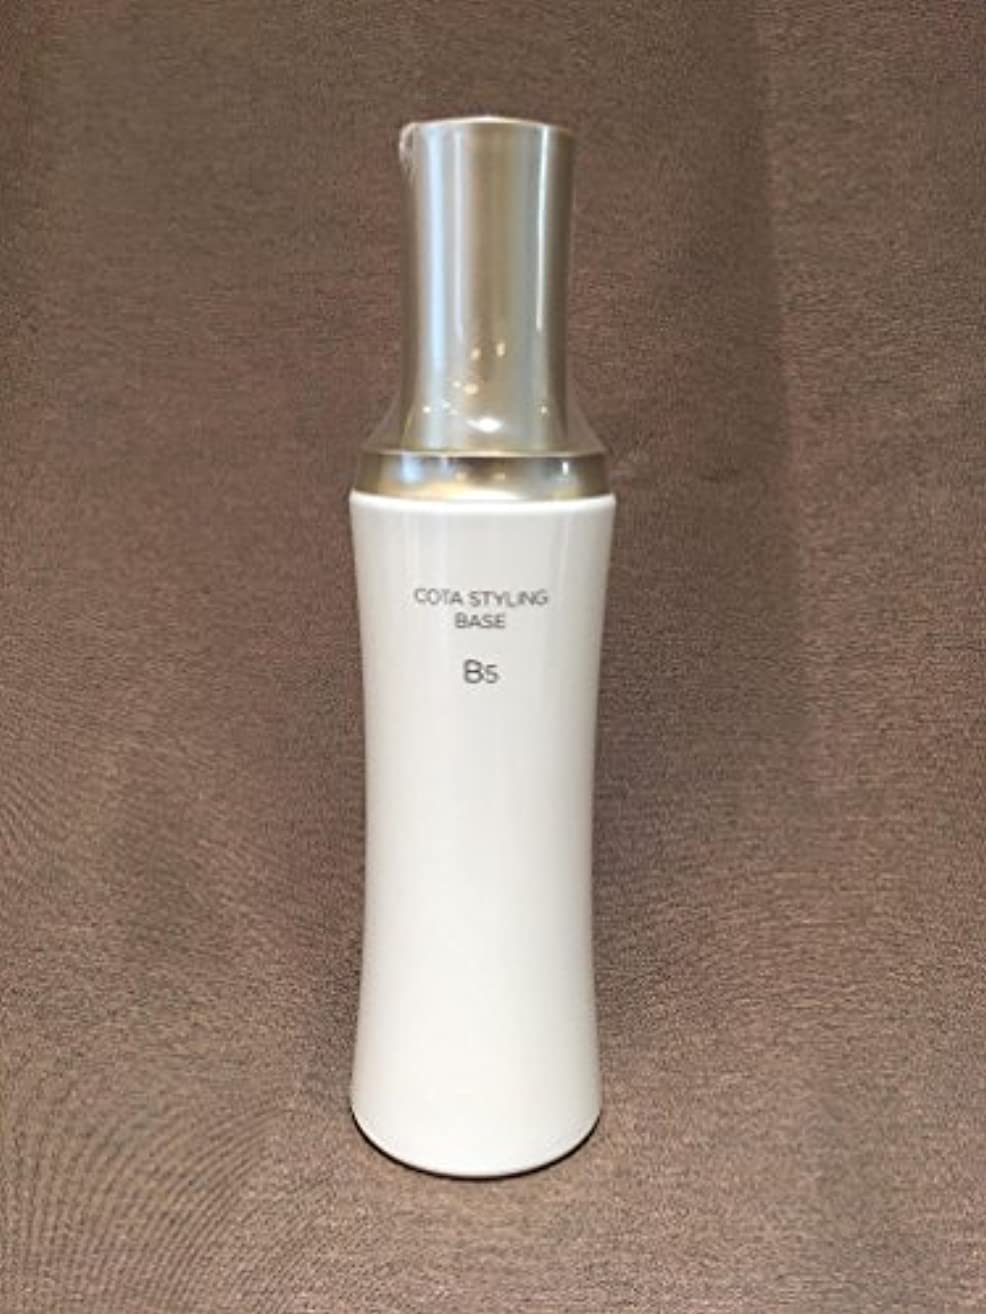 人工的なエジプト人オーガニックコタ スタイリング ベース B5 200g